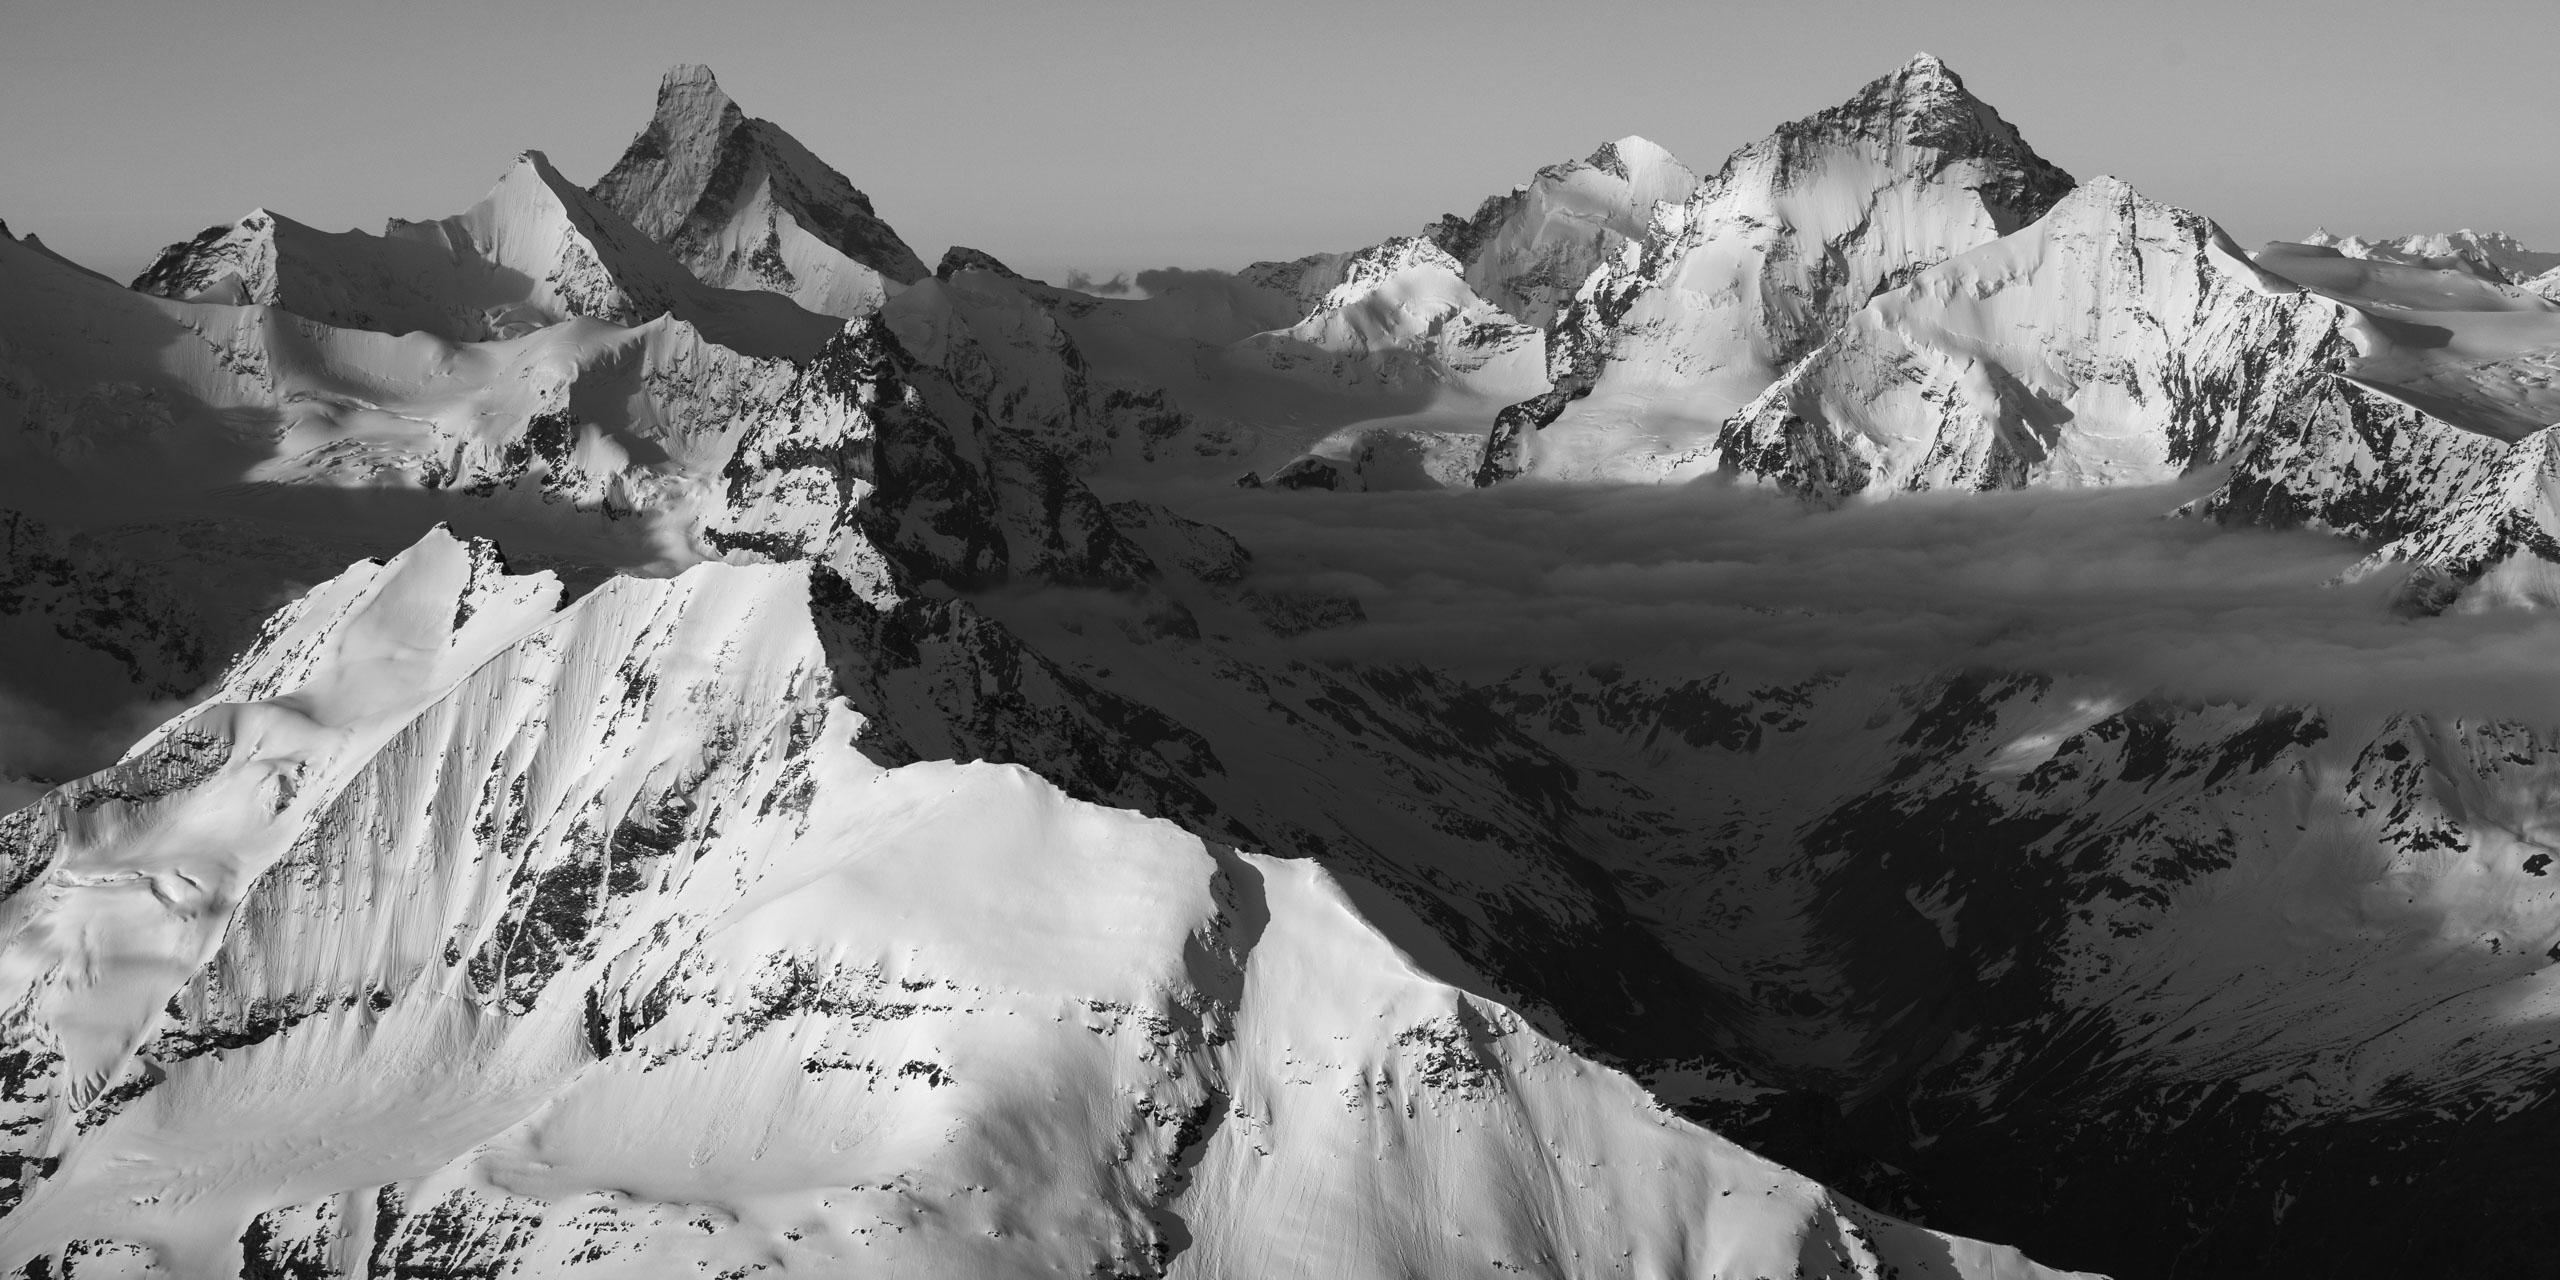 Val d'Anniviers -encadrement photo pour décoration de chalet - Vue panoramique d'une photo d'un paysage de montagne en noir et blanc